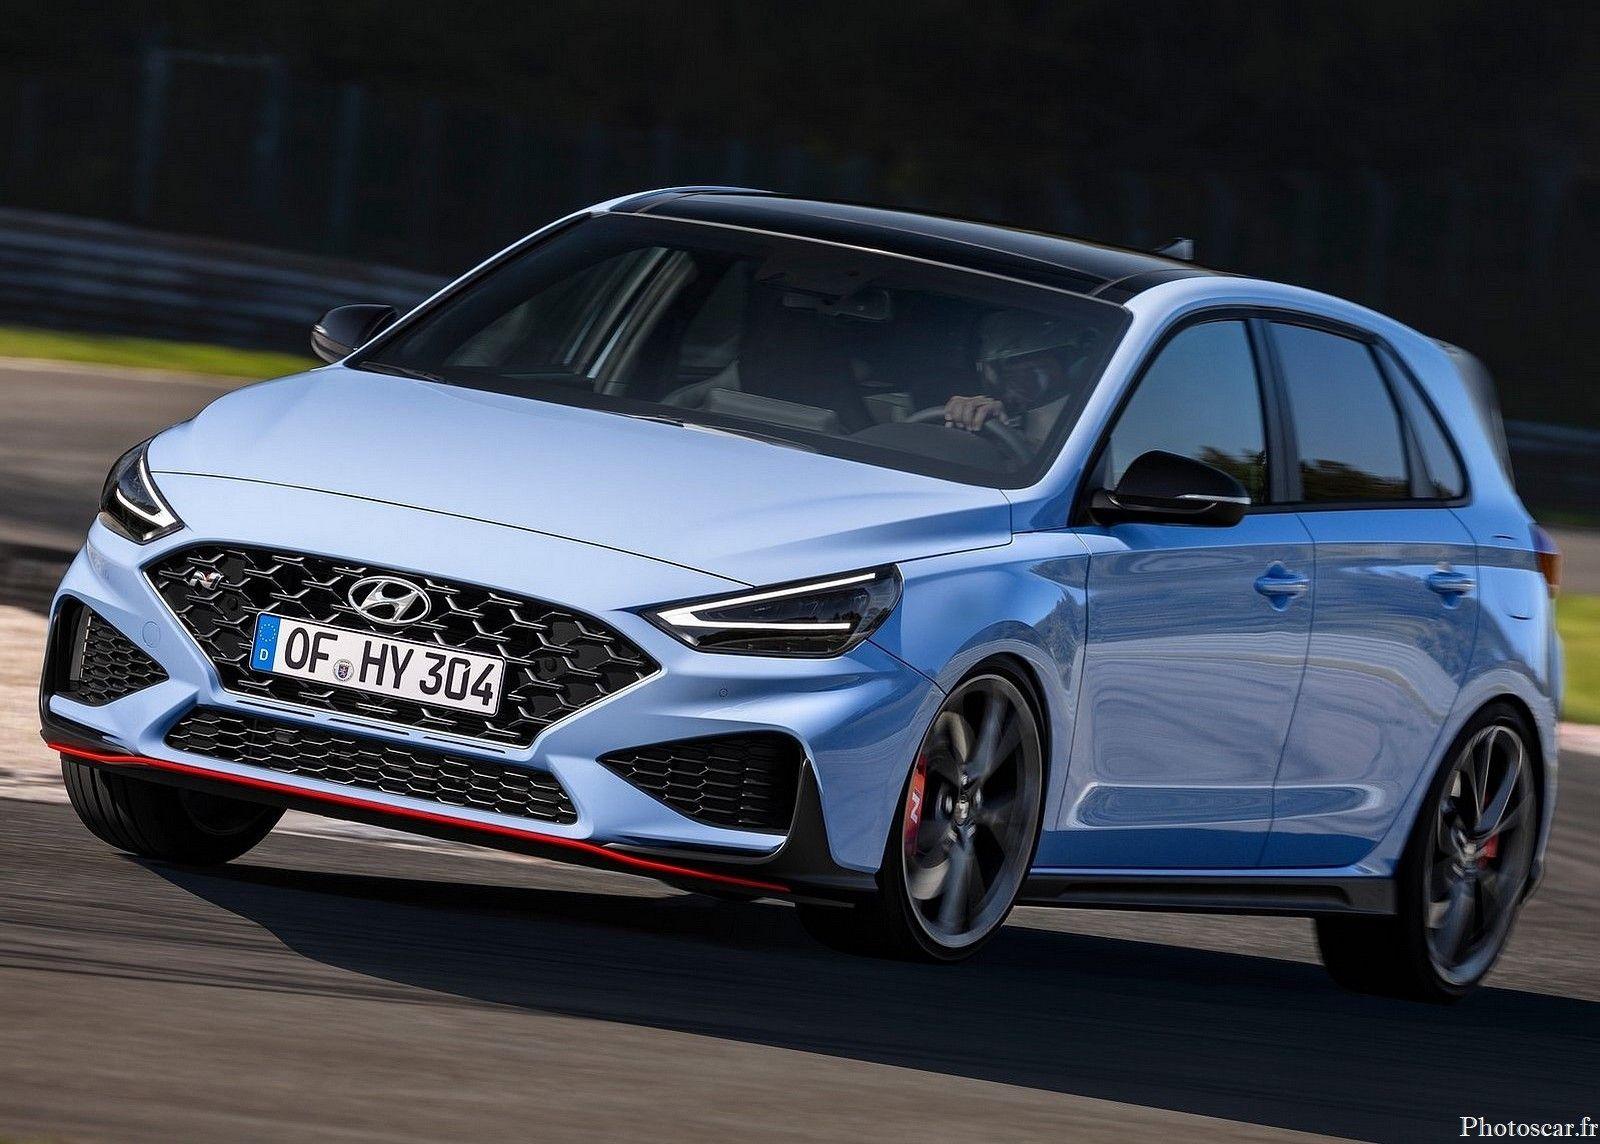 Hyundai i30 N 2021 Une nouvelle génération de la